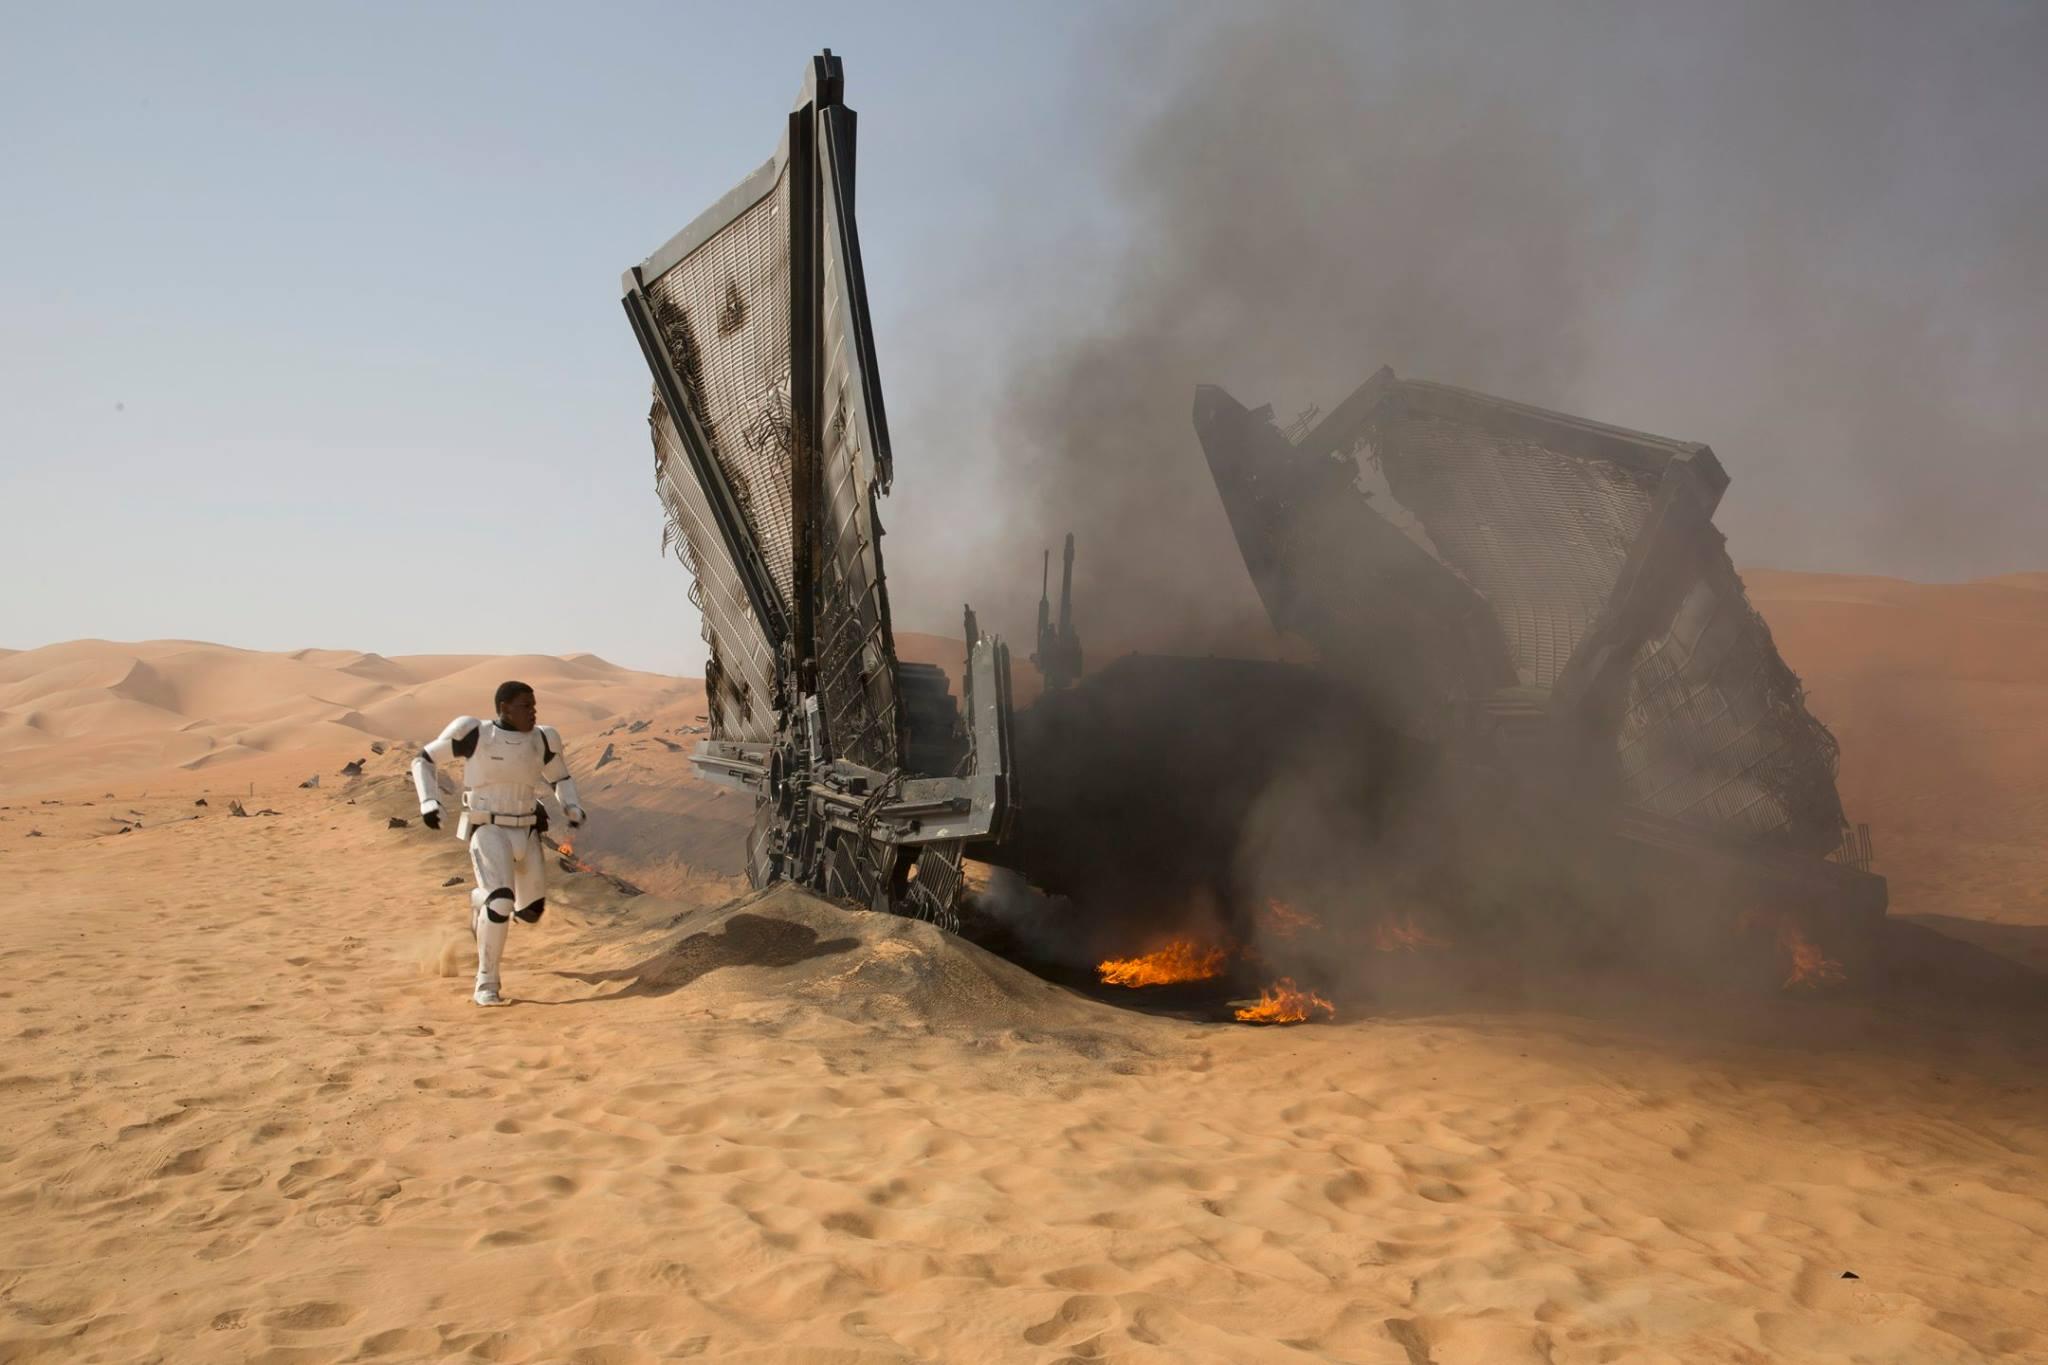 """Это было звездато. Рецензия на """"Звёздные войны: Пробуждение силы"""" - Изображение 11"""